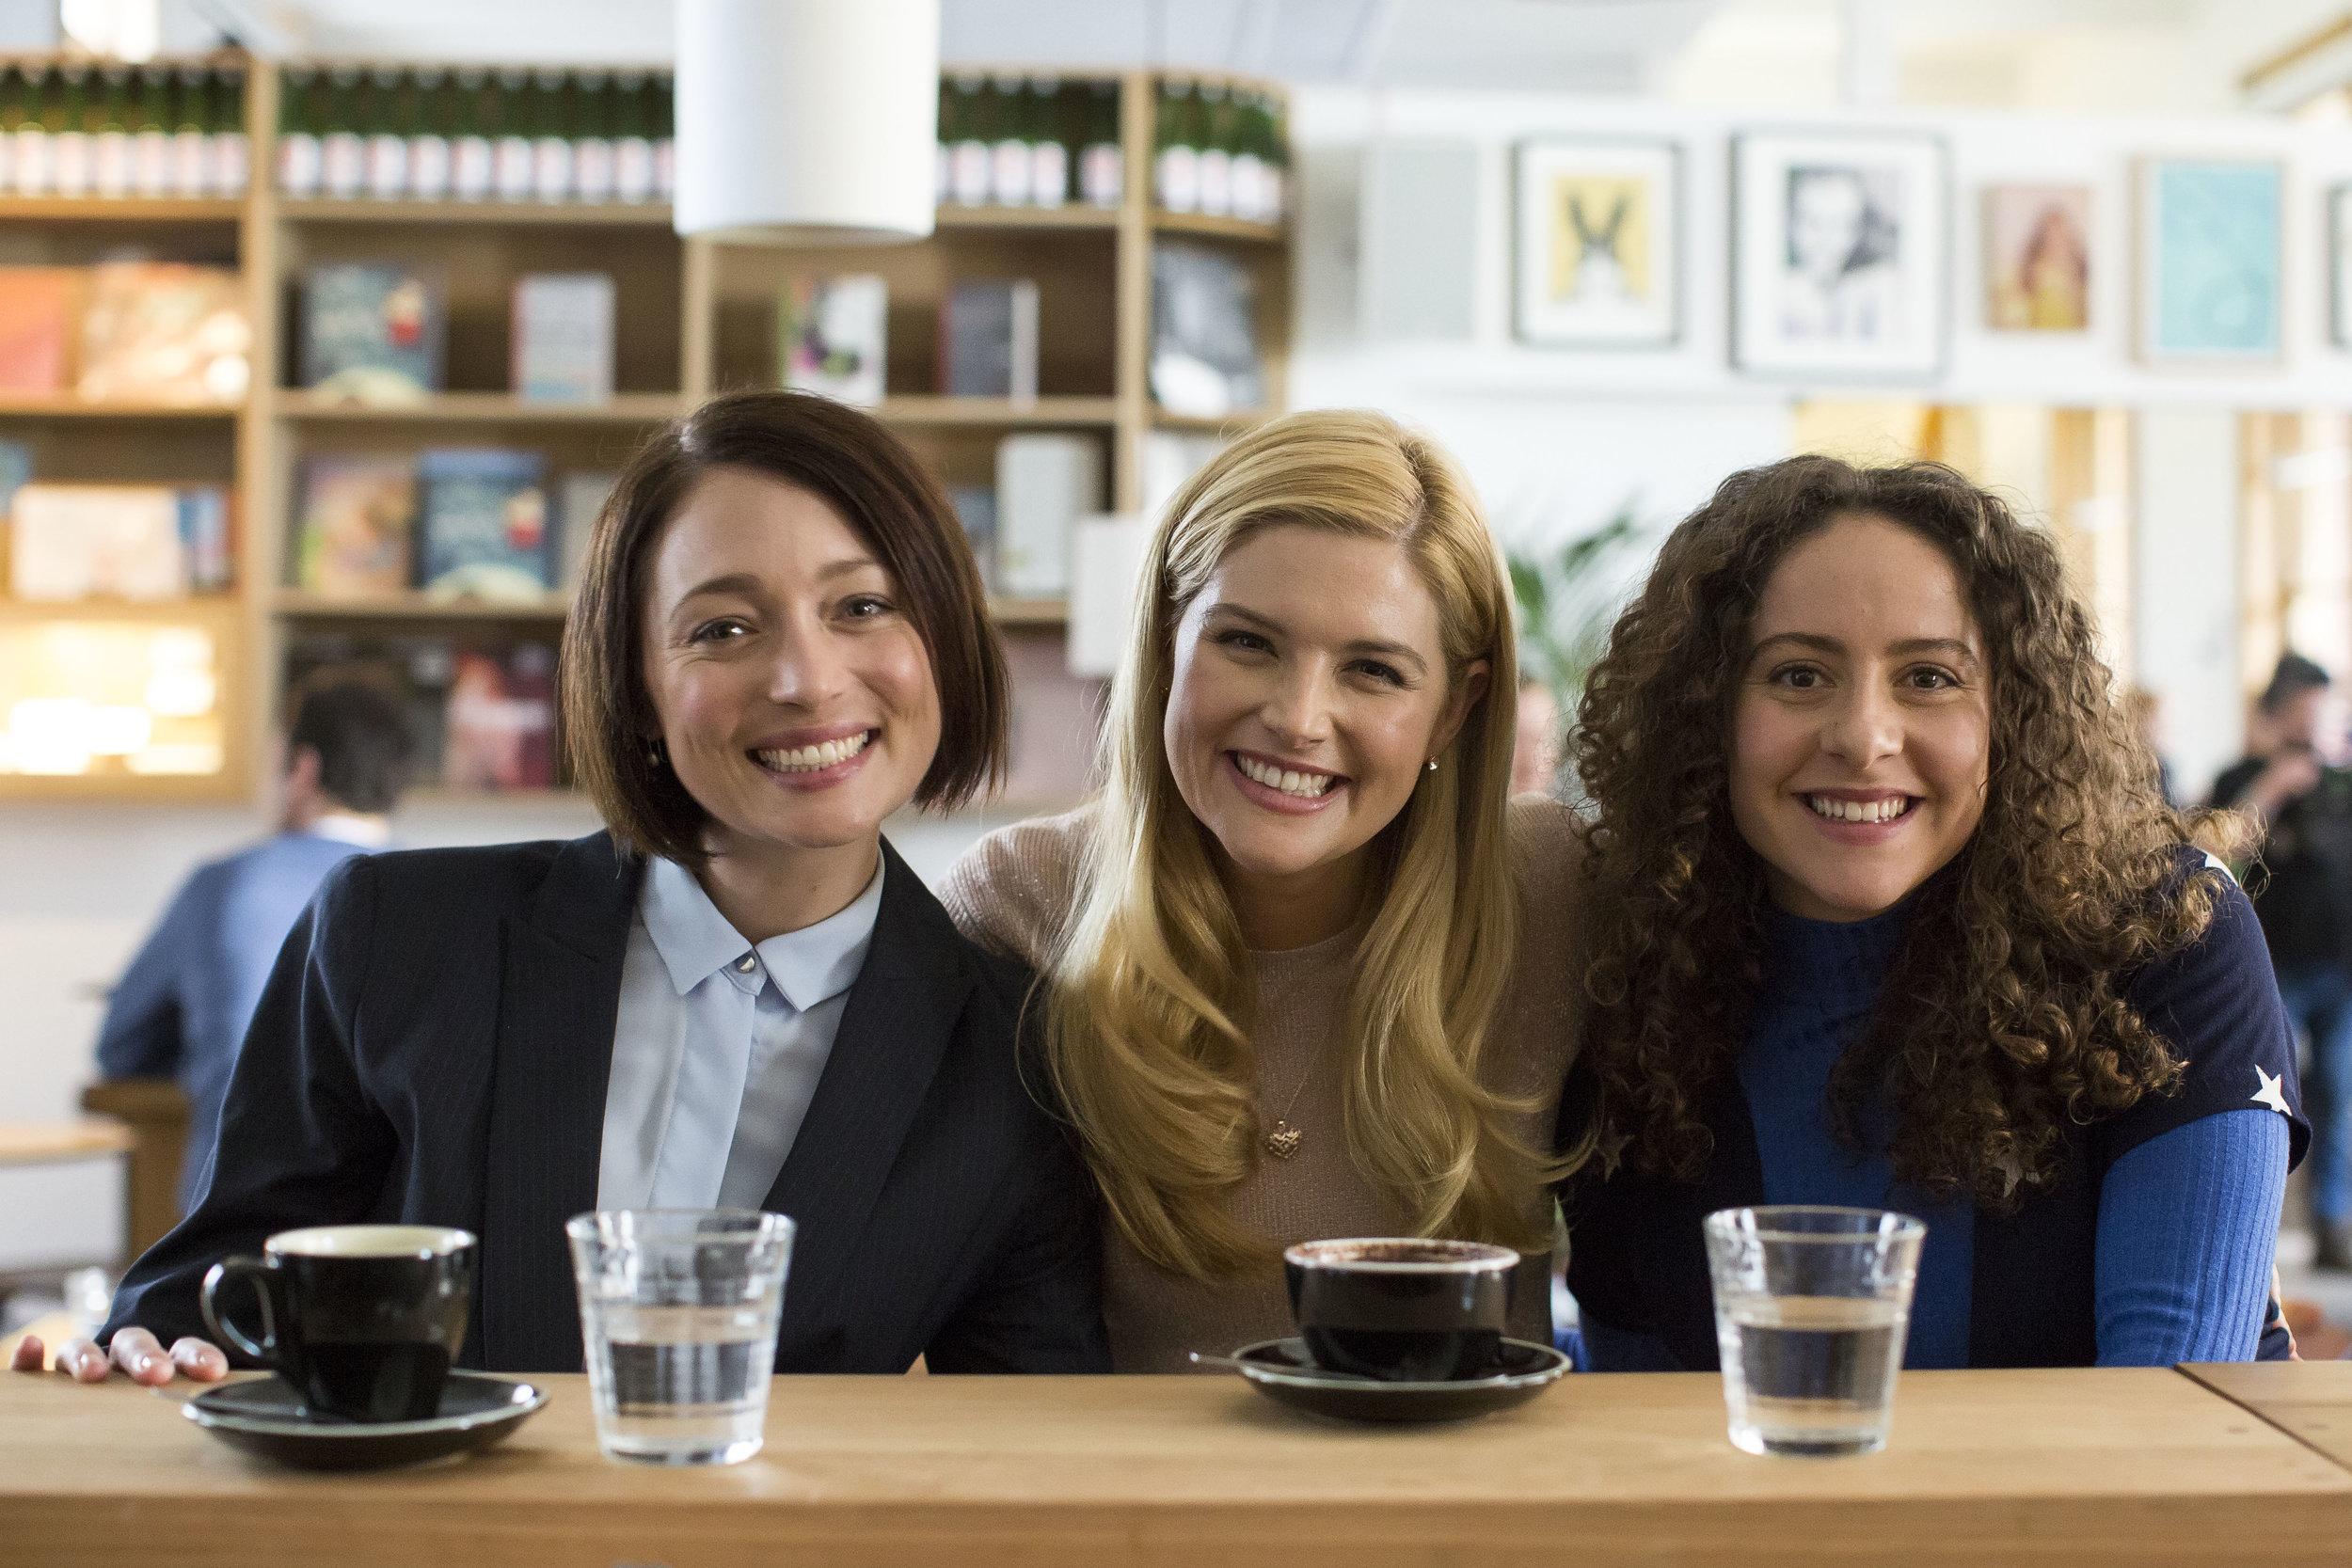 Sisters_18749103064HighRes[1].jpg